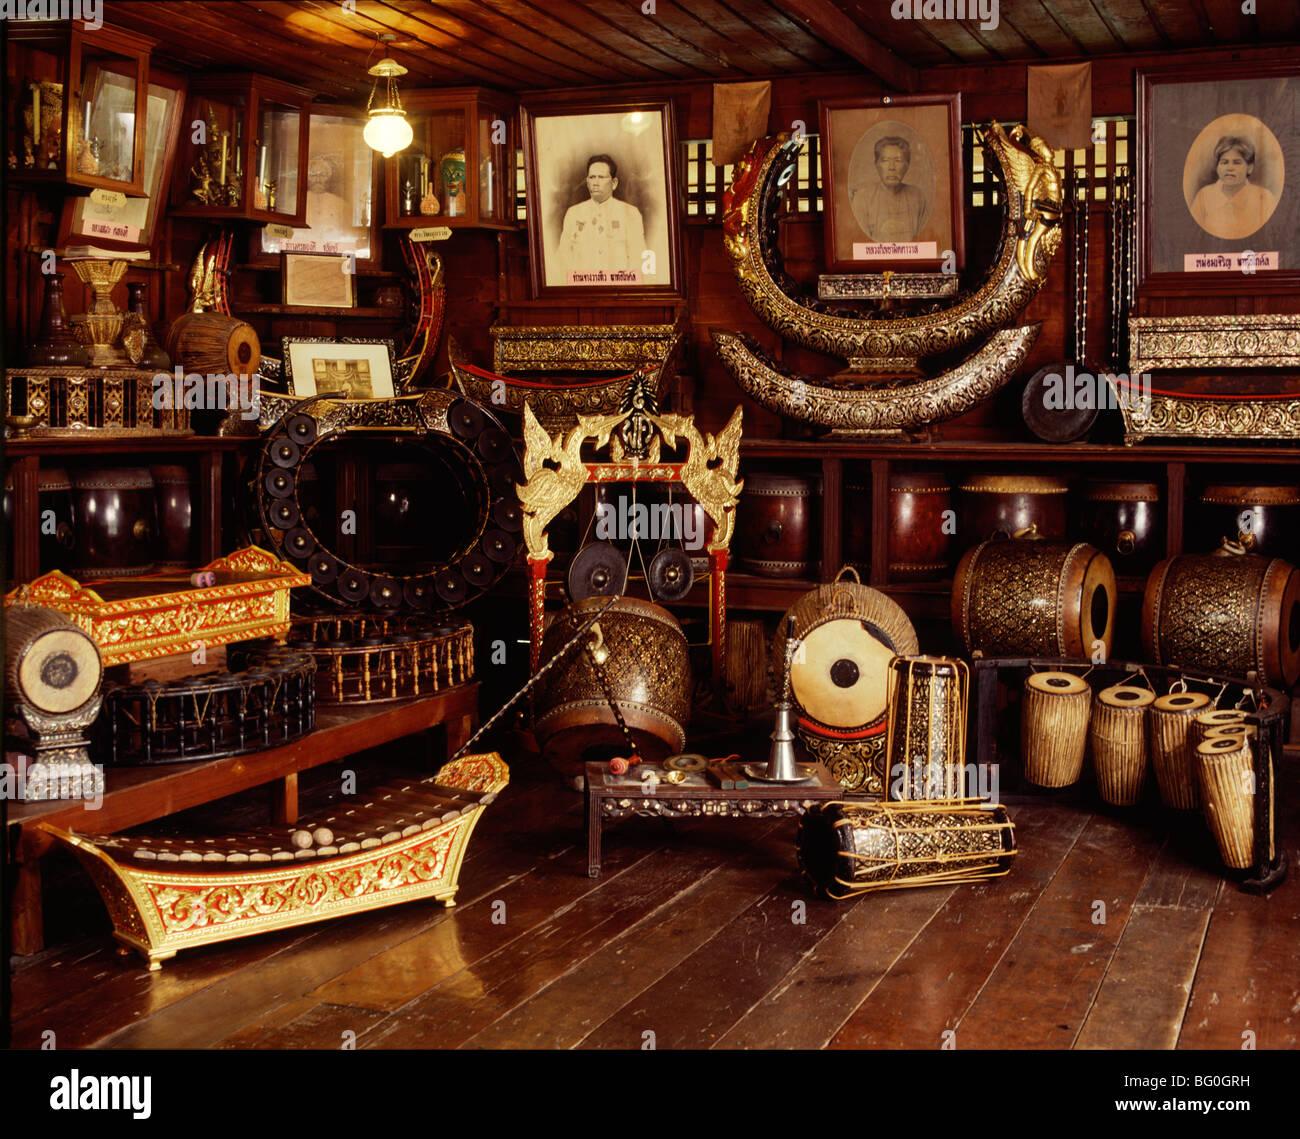 Strumenti musicali in Thailandia, Asia sud-orientale, Asia Immagini Stock